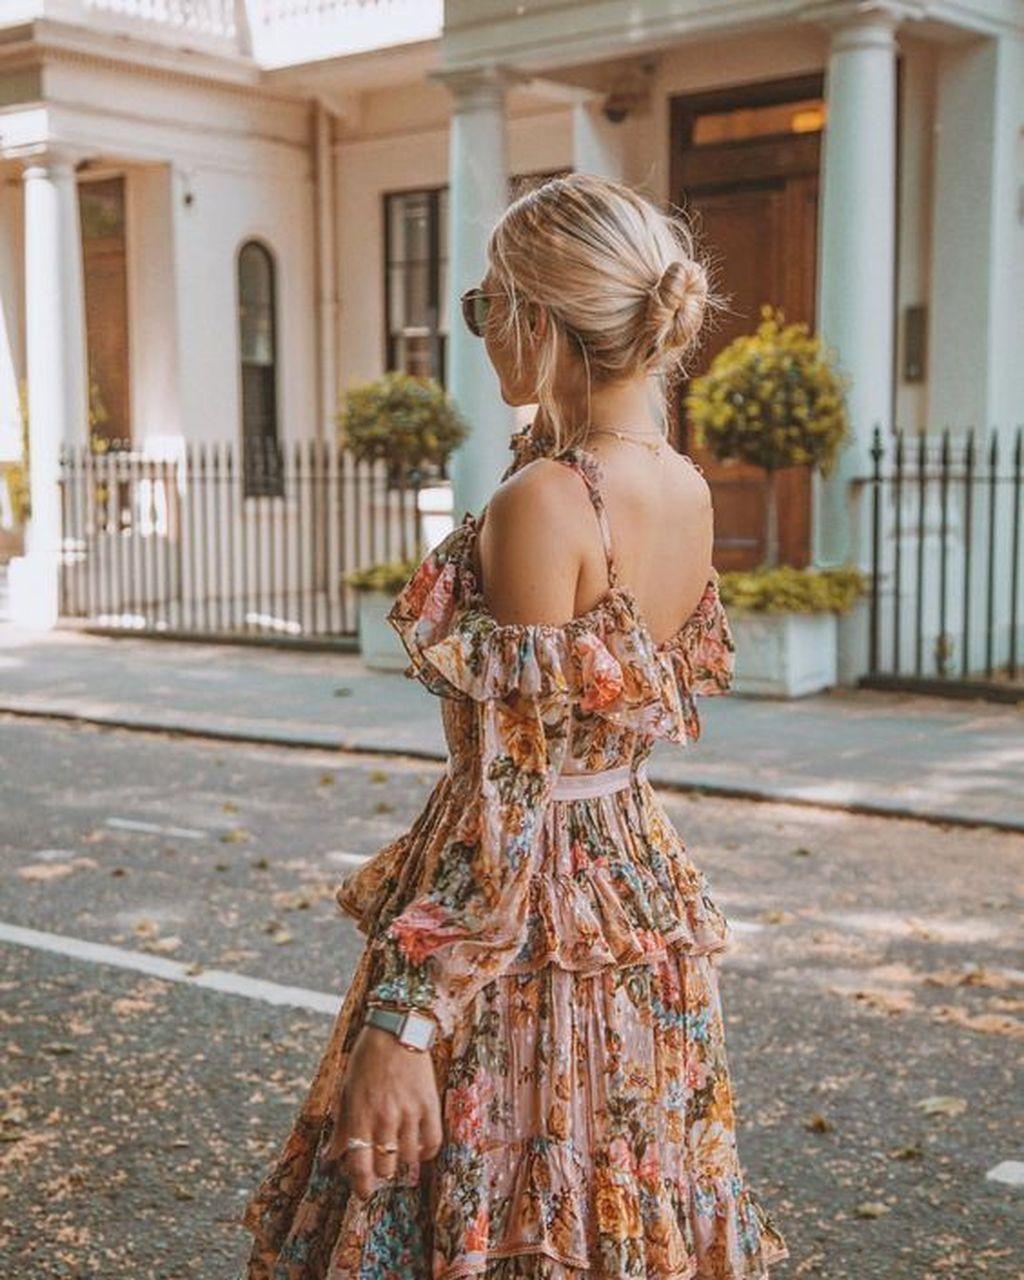 41 Fancy Summer Dresses Ideas For Romantic Dinner Maxi Kleider Sommer Kleider Boho Kleid [ 1280 x 1024 Pixel ]